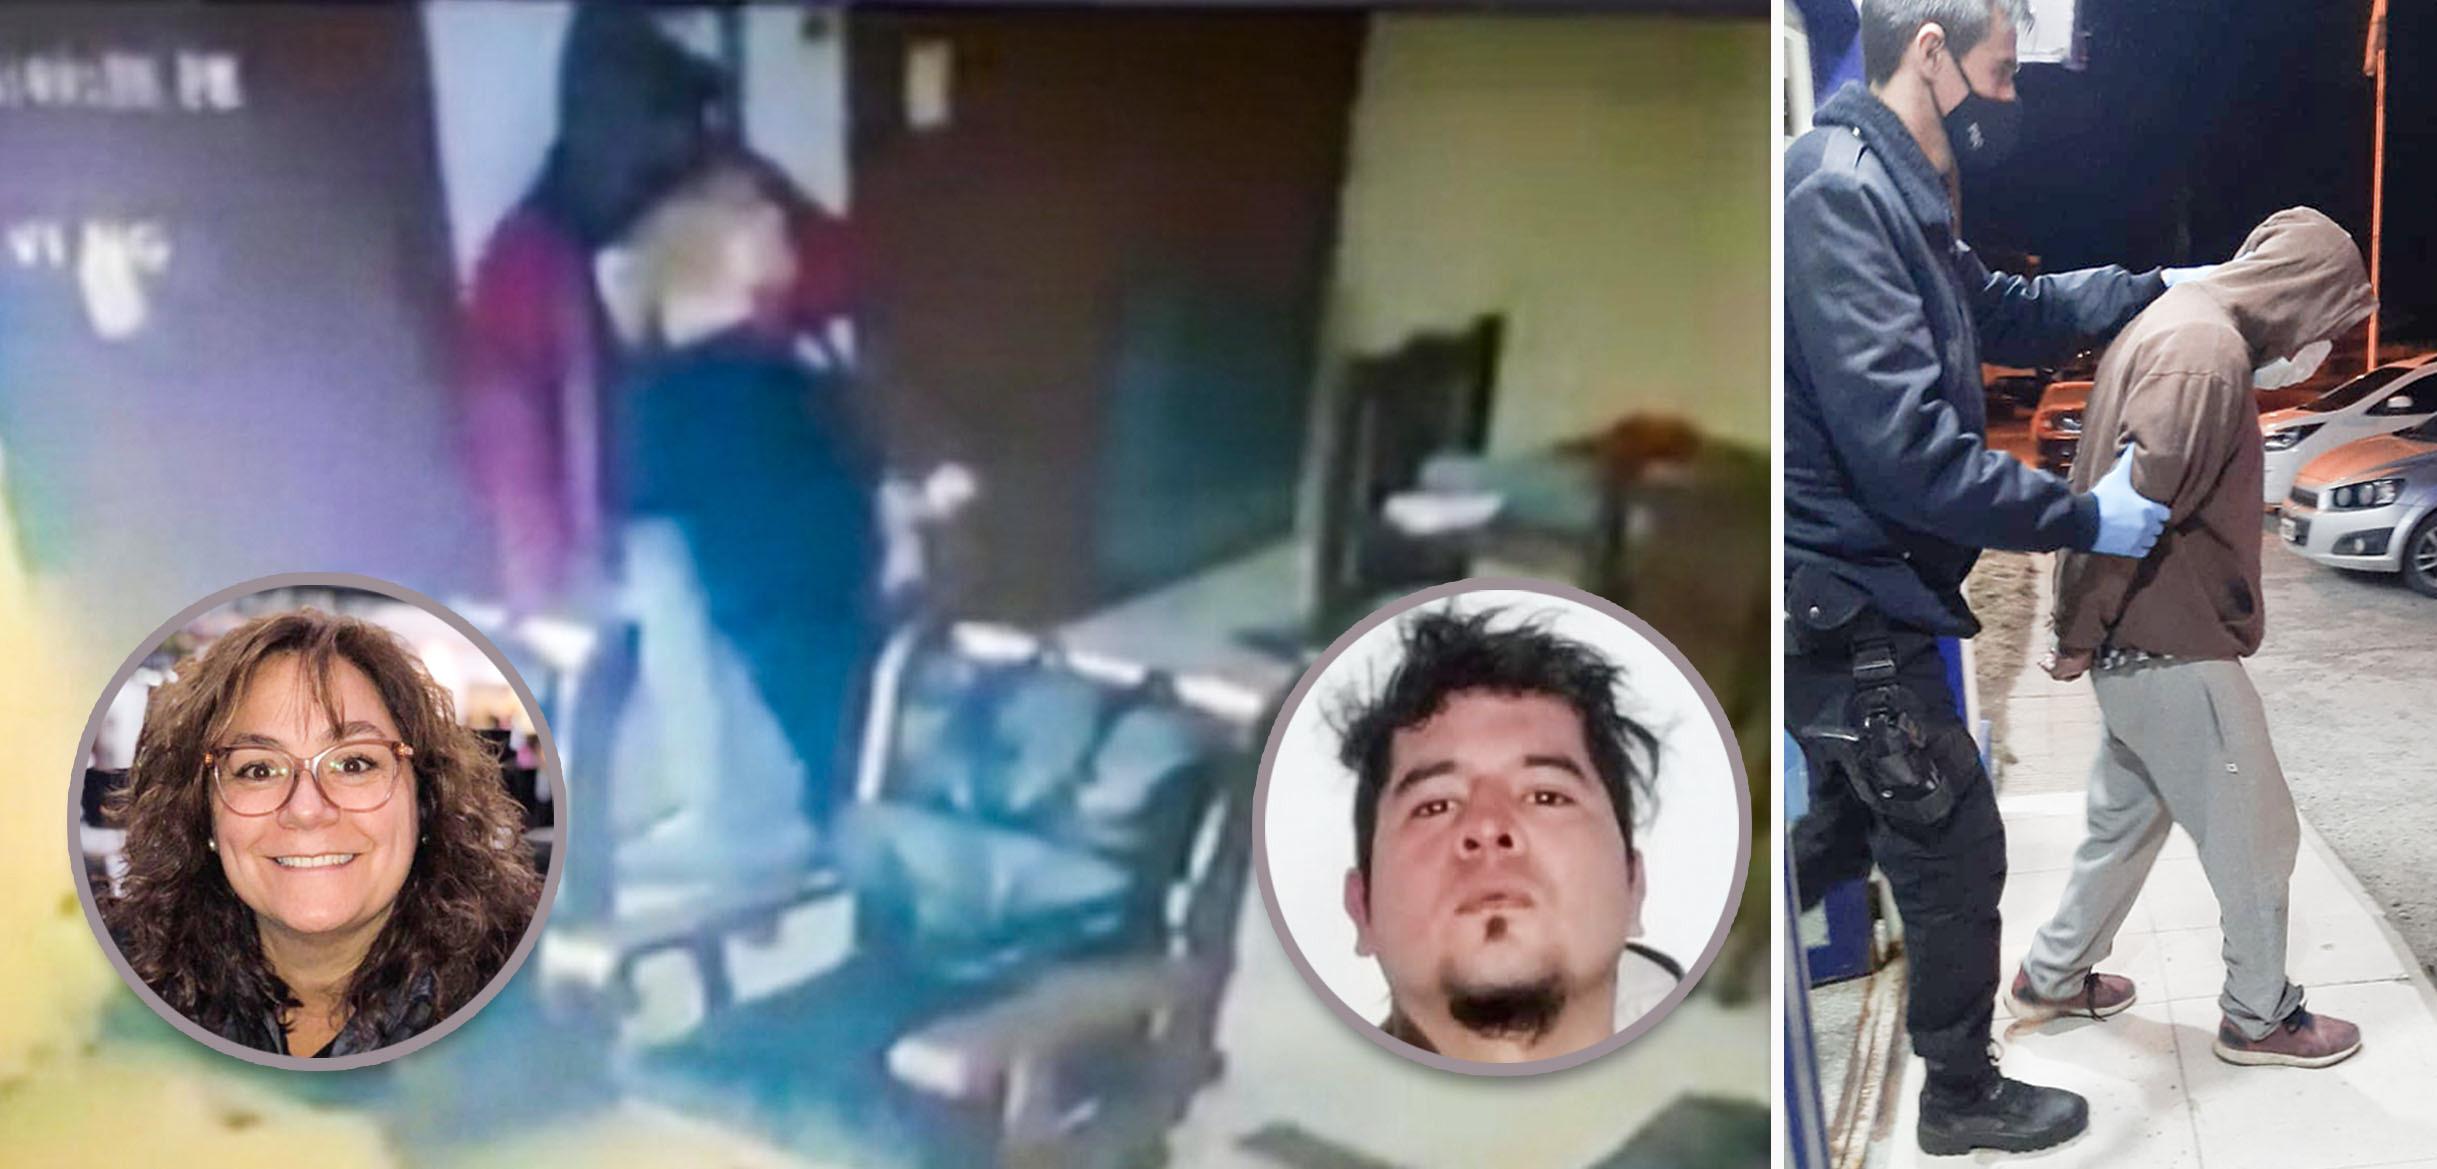 Rodrigo Donaire, el atacante de la mujer de 78 años.